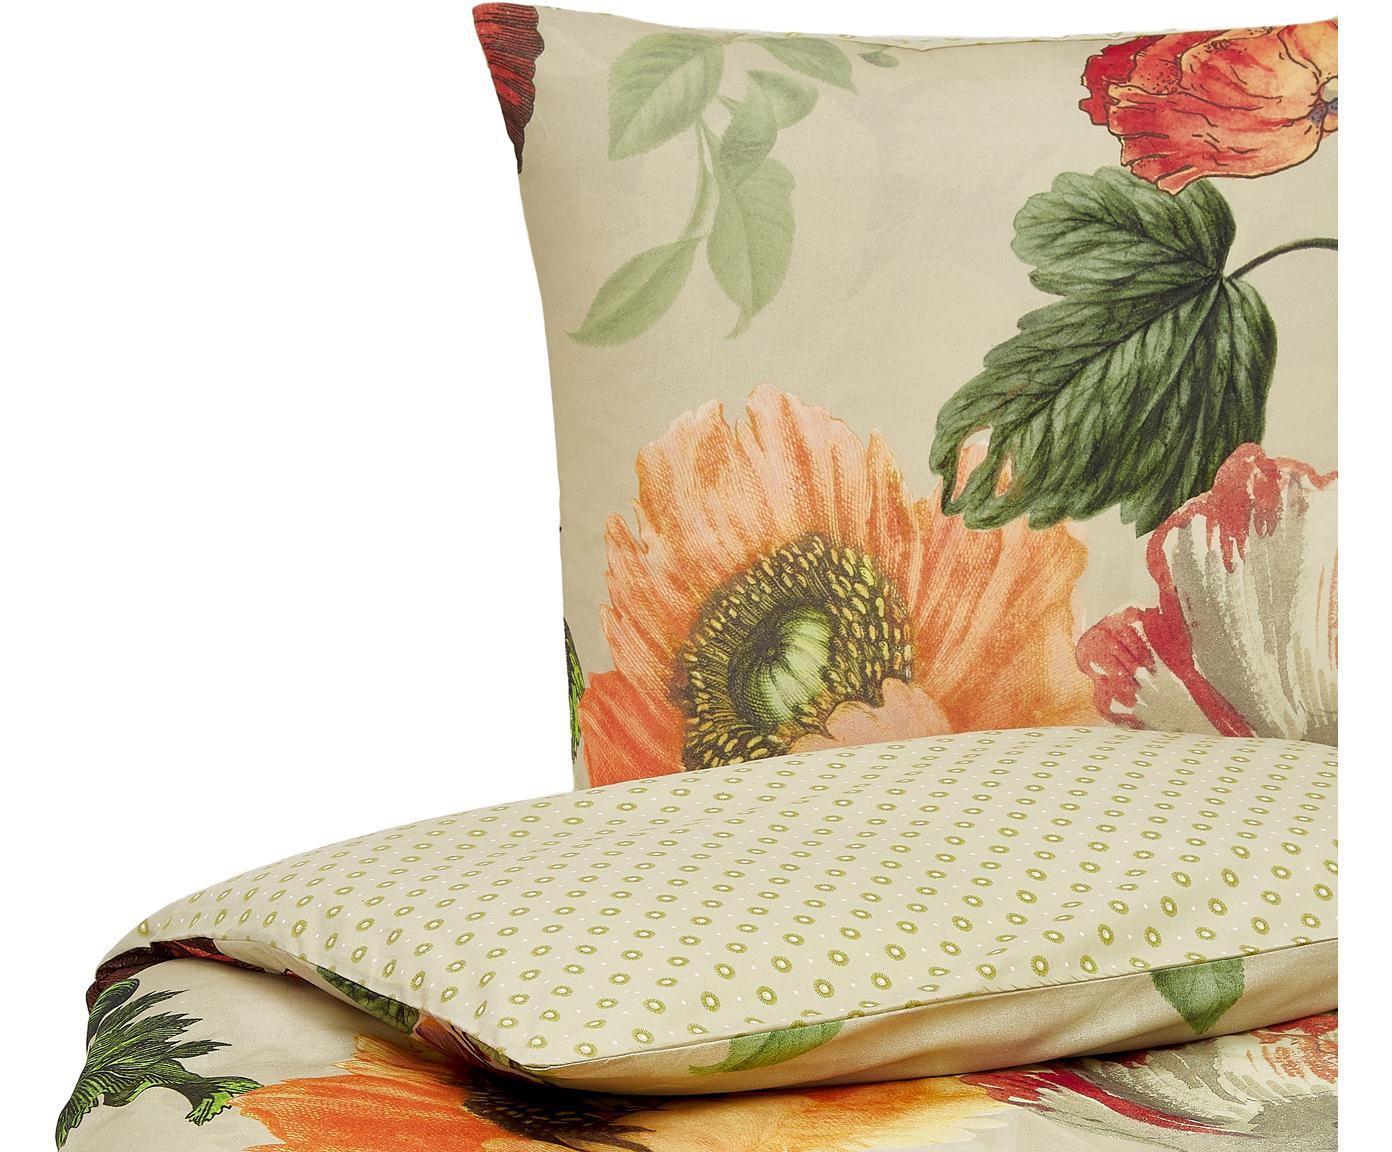 Flanell-Wendebettwäsche Esmee mit Blumen-Muster, Webart: Flanell Fadendichte 81 TC, Graugrün, Mehrfarbig, 135 x 200 cm + 1 Kissen 80 x 80 cm